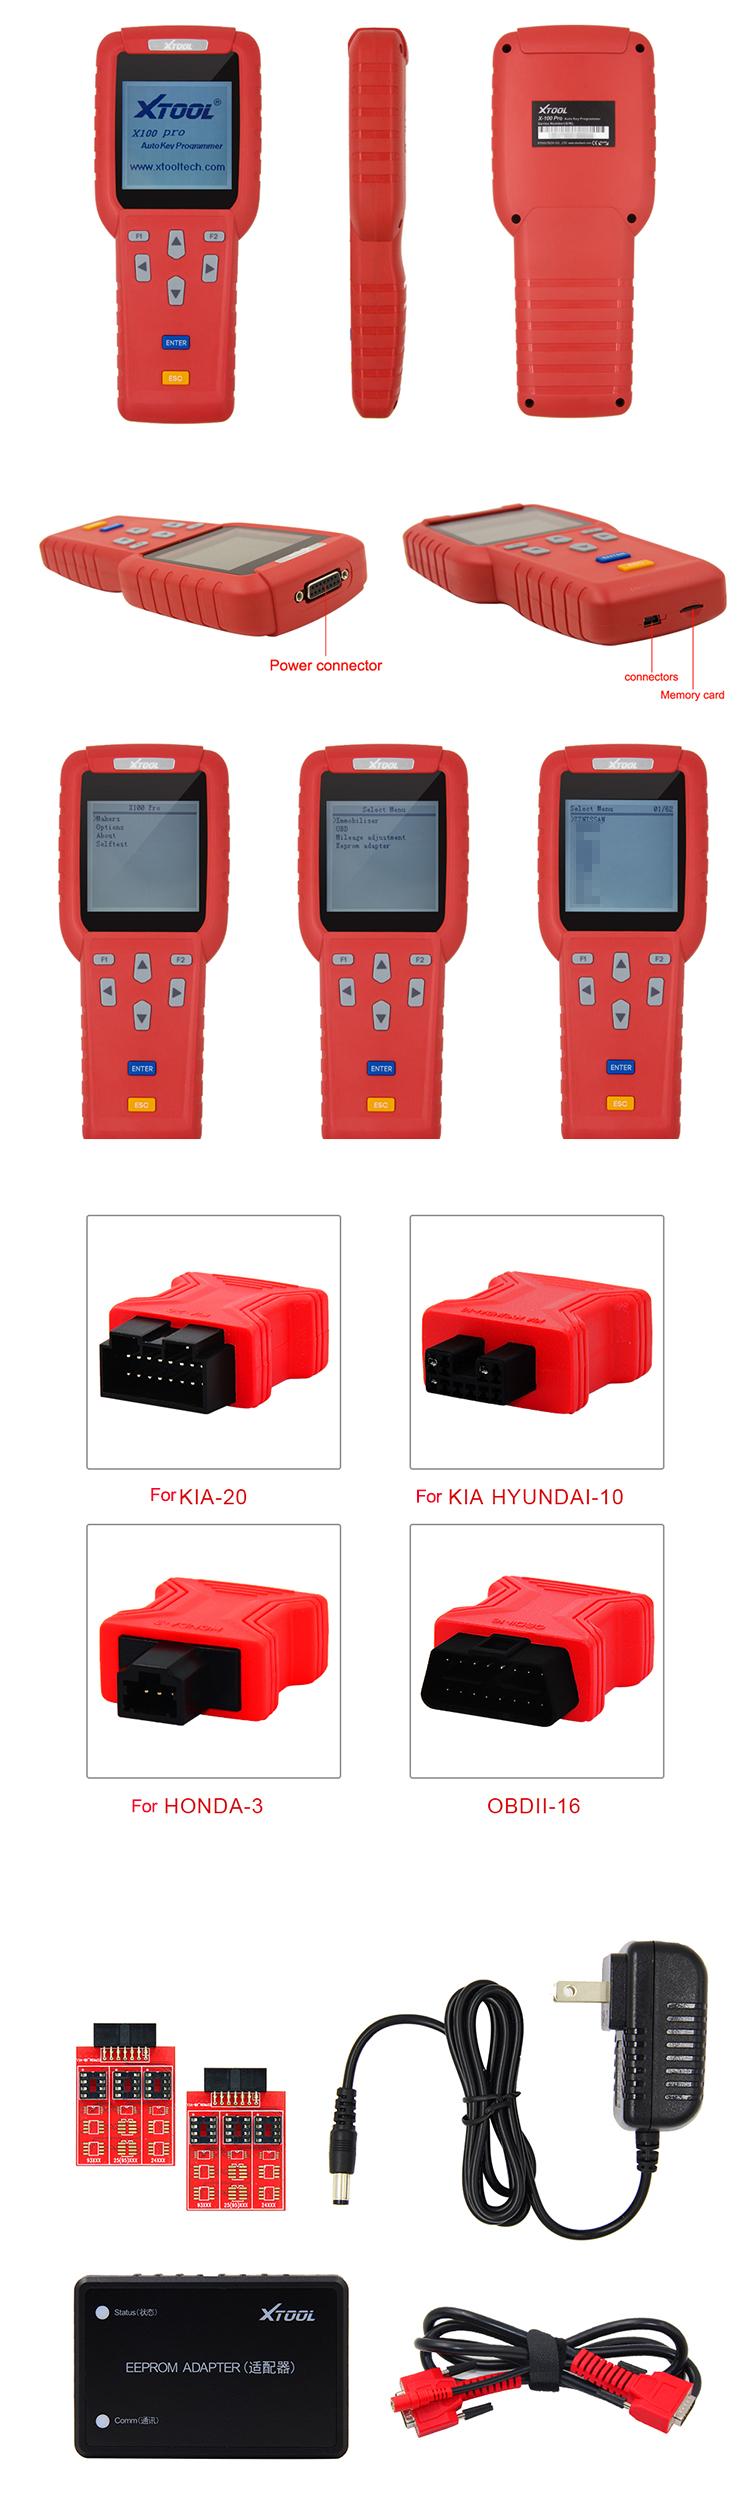 100% Originale Xtool X100 Pro handheld Programmatore Chiave Auto X100 + Plus transponder auto chiave macchina di taglio automatico